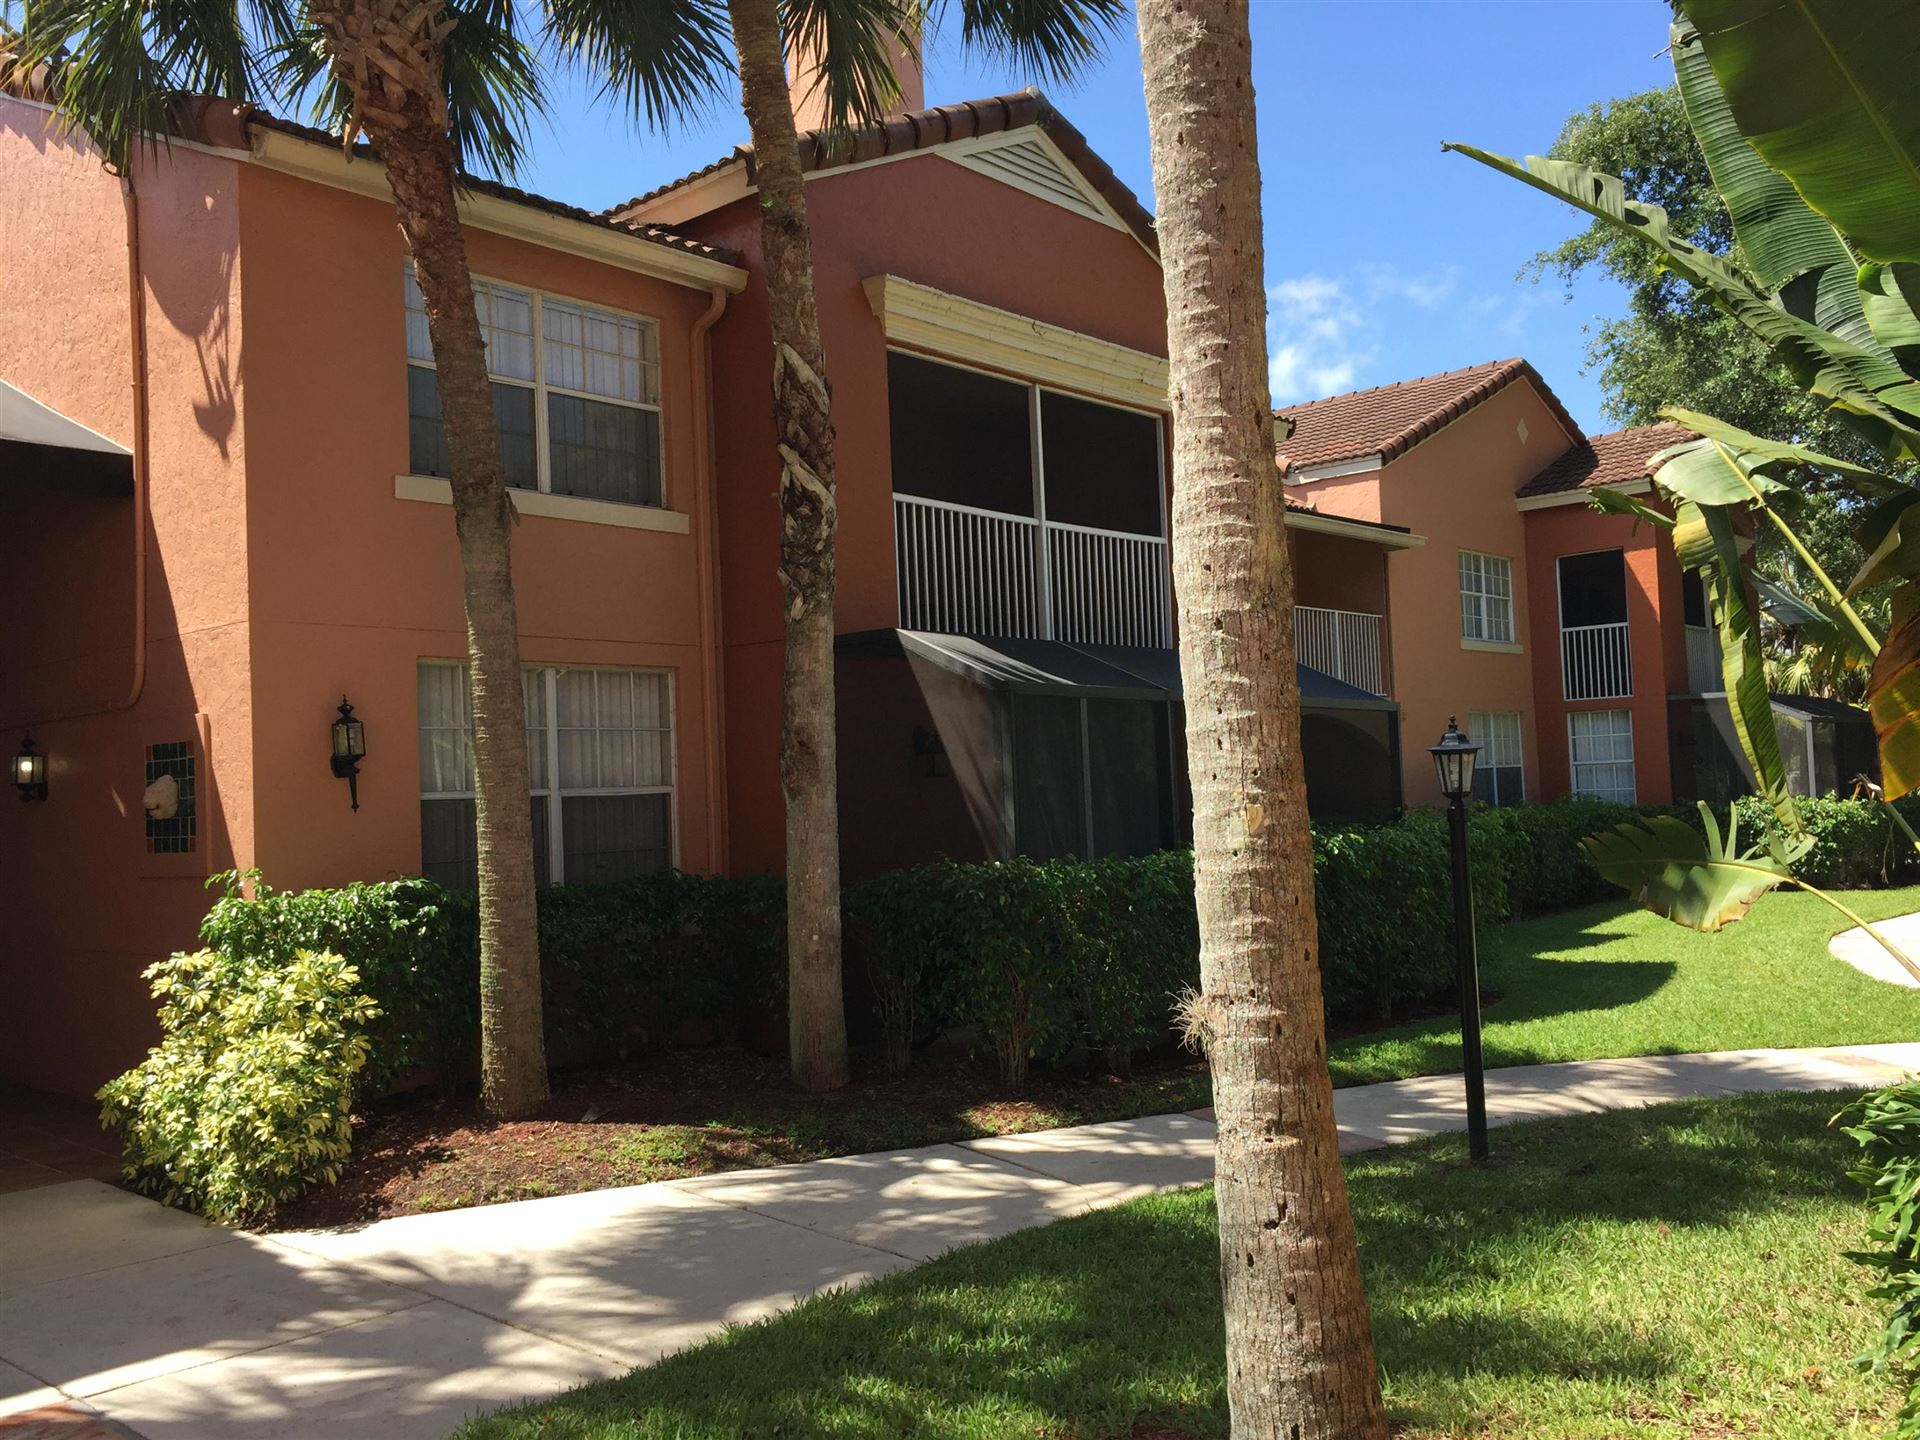 3151 Clint Moore Road #203, Boca Raton, FL 33496 - #: RX-10672669